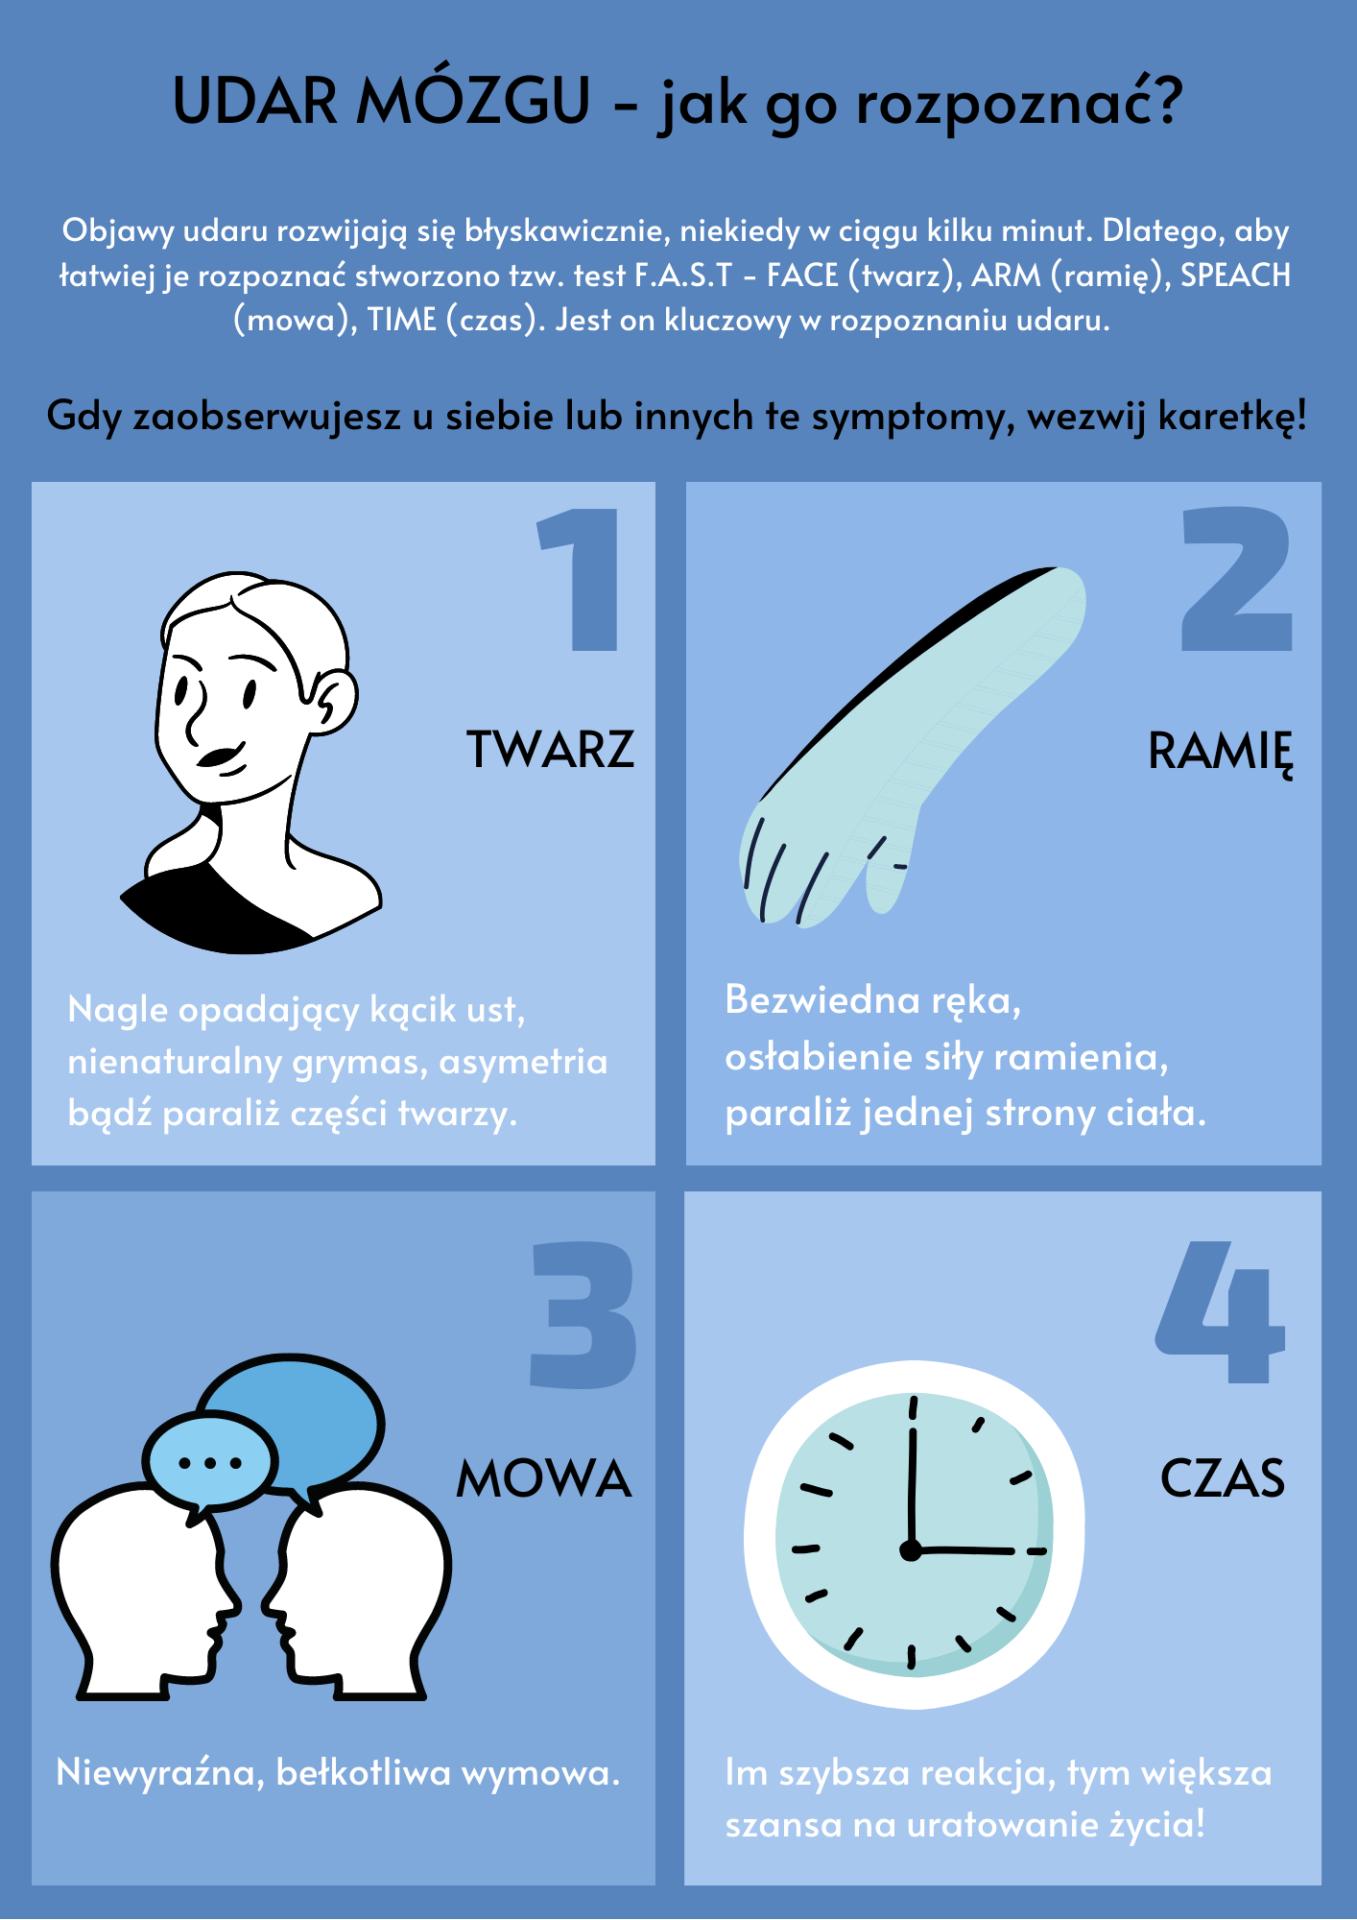 Jak rozpoznać udar mózgu